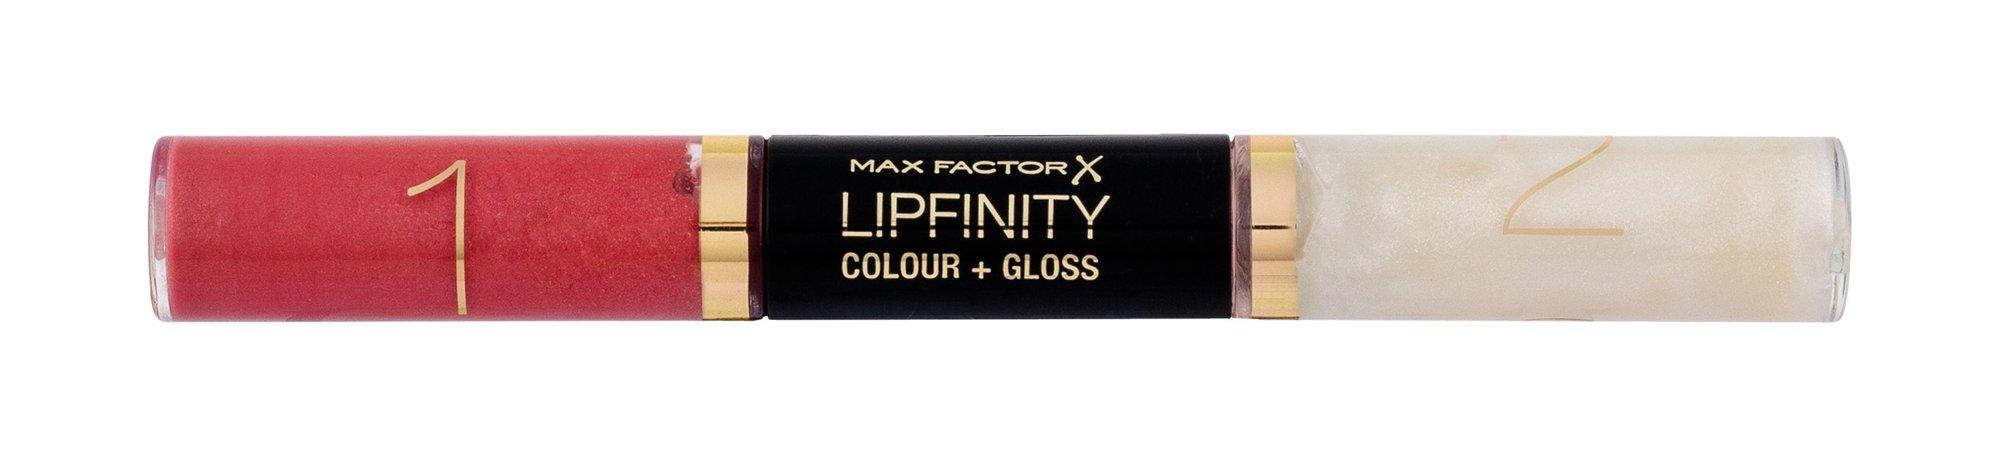 Max Factor Lipfinity Lipstick 2x3ml 610 Constant Coral